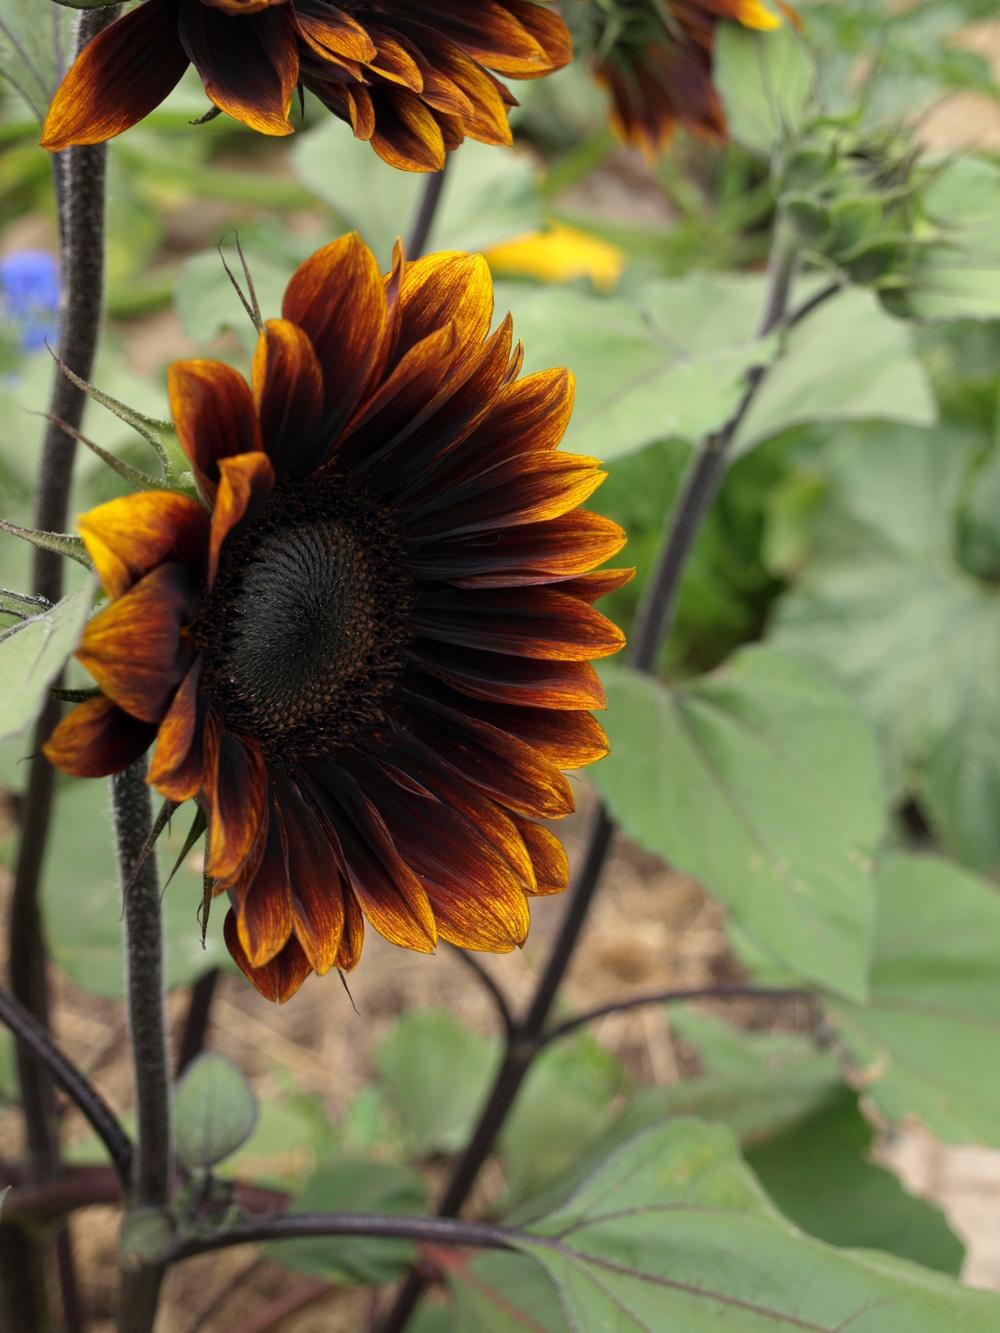 royal velvet sunflower